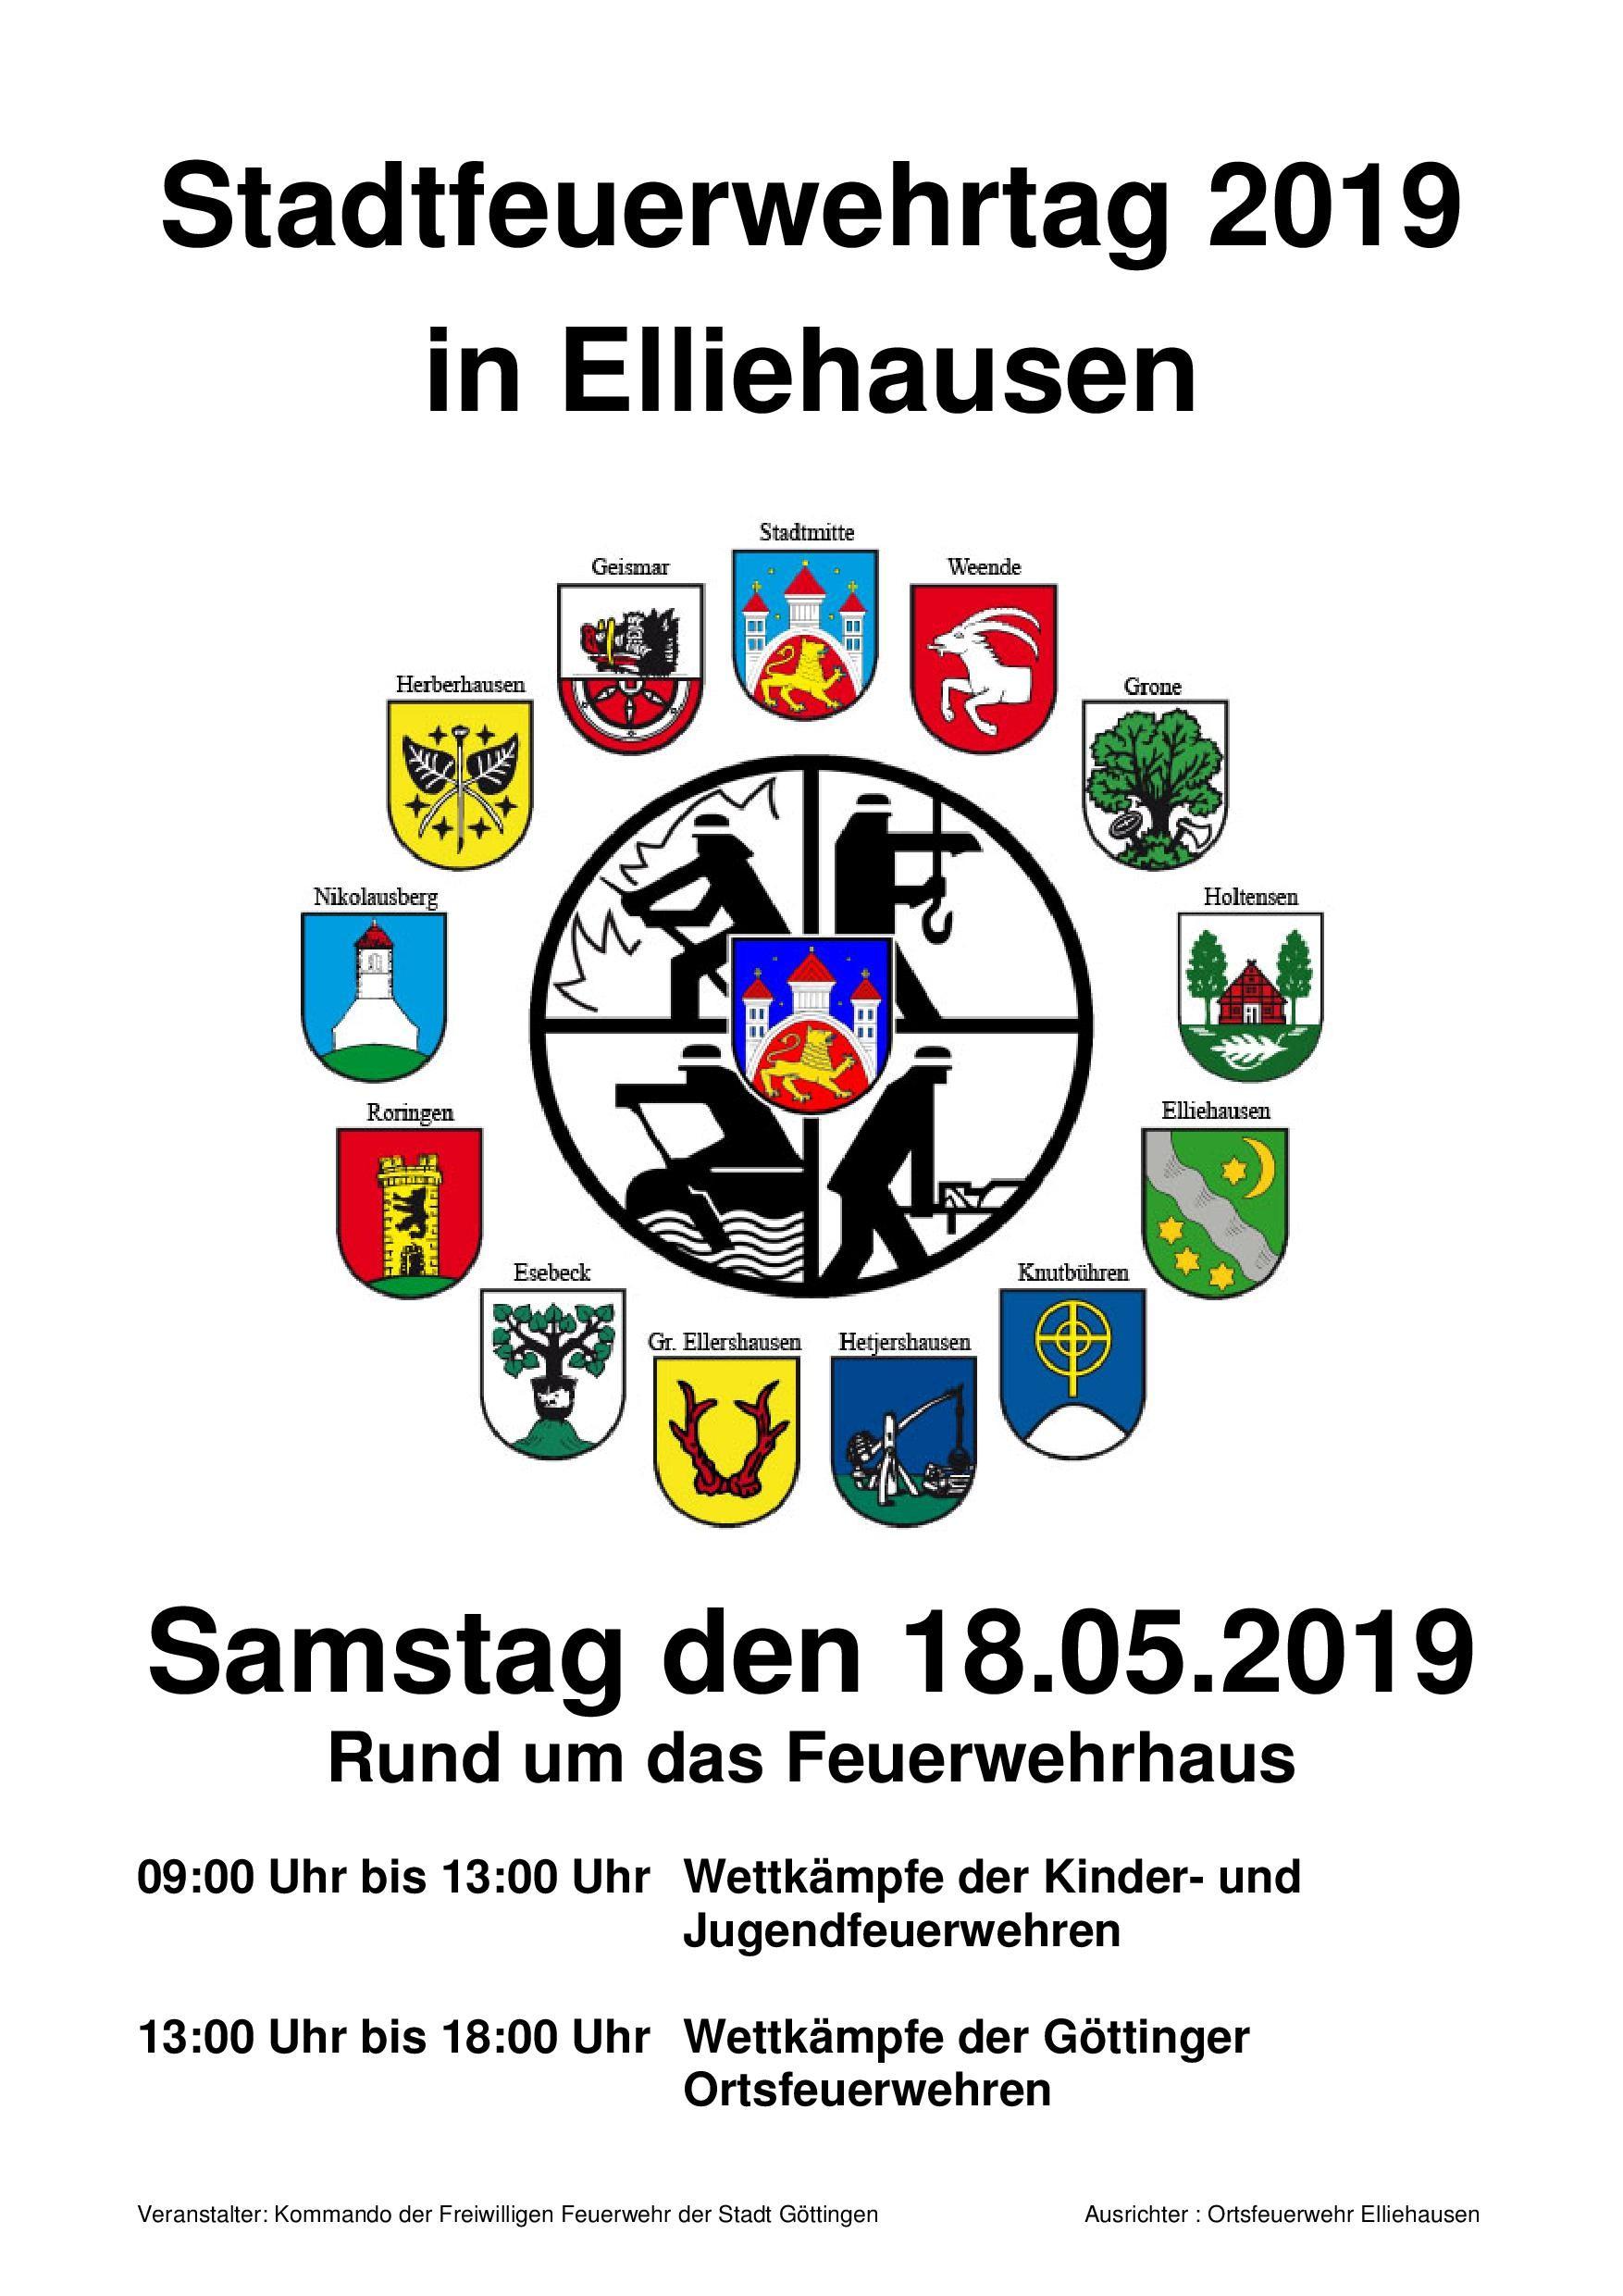 Stadtfeuerwehrtag 2019 mit Ortswappen